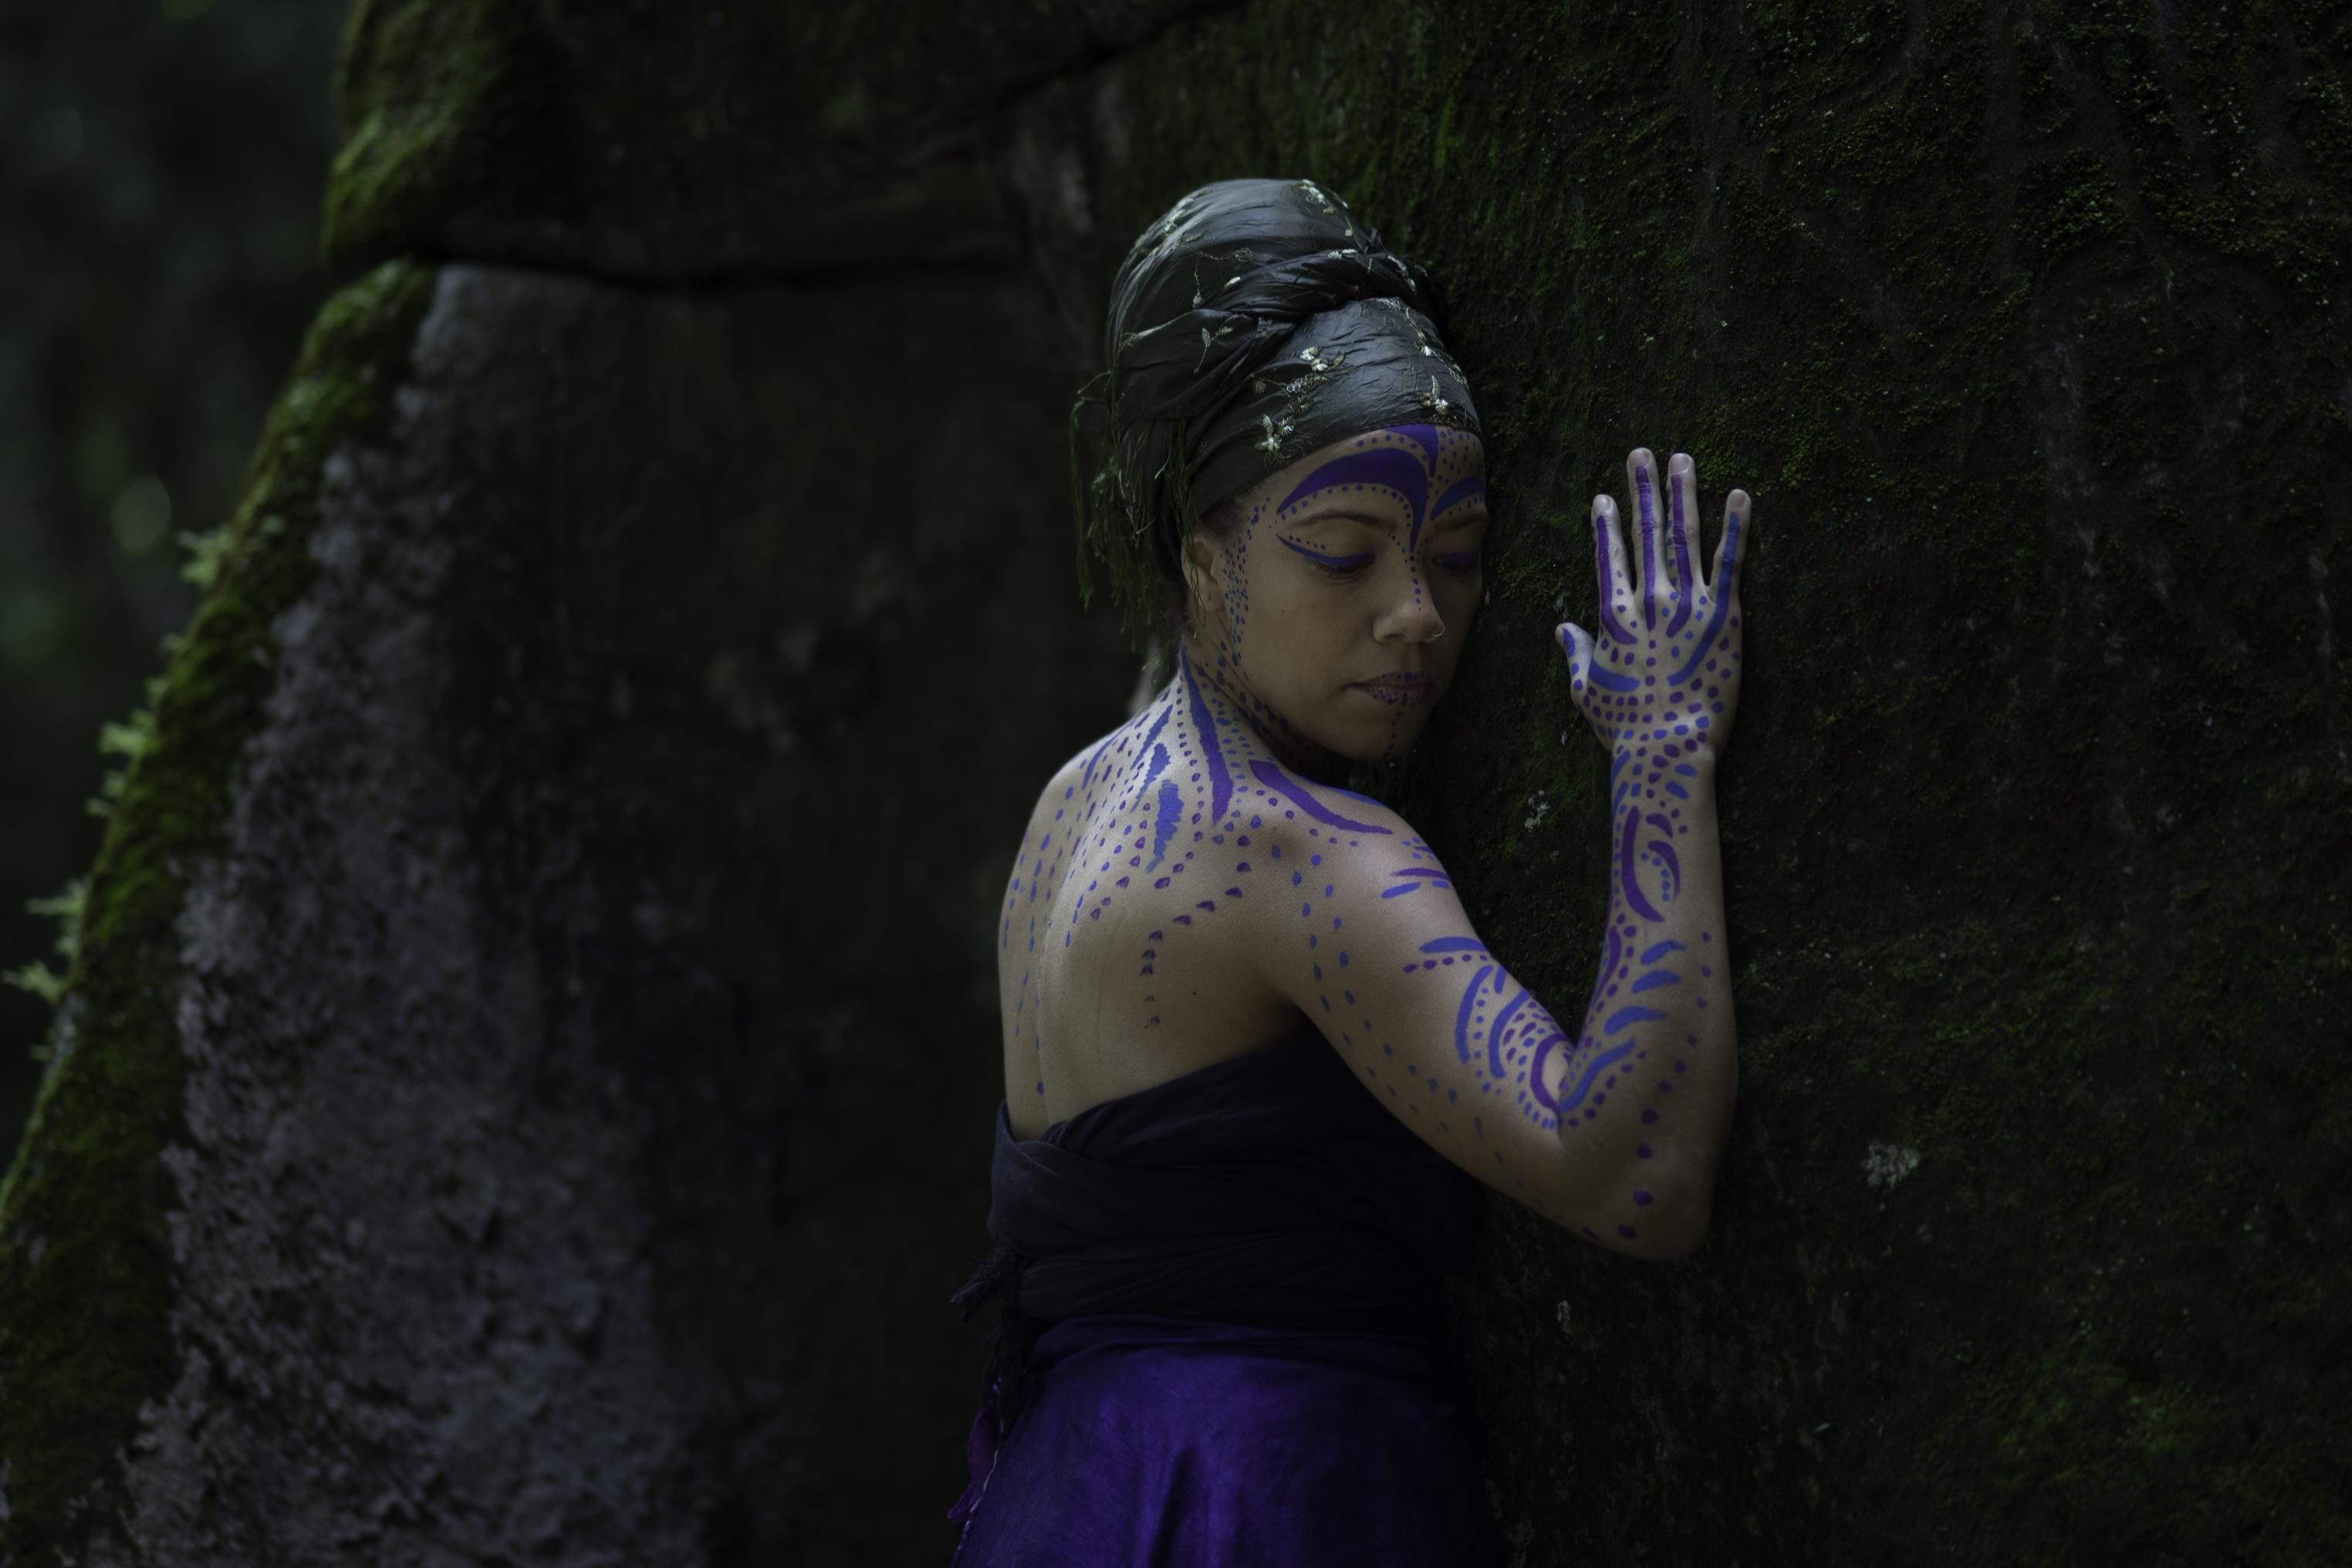 Het lichaam als kunstvorm (foto:flickr/jikatu)